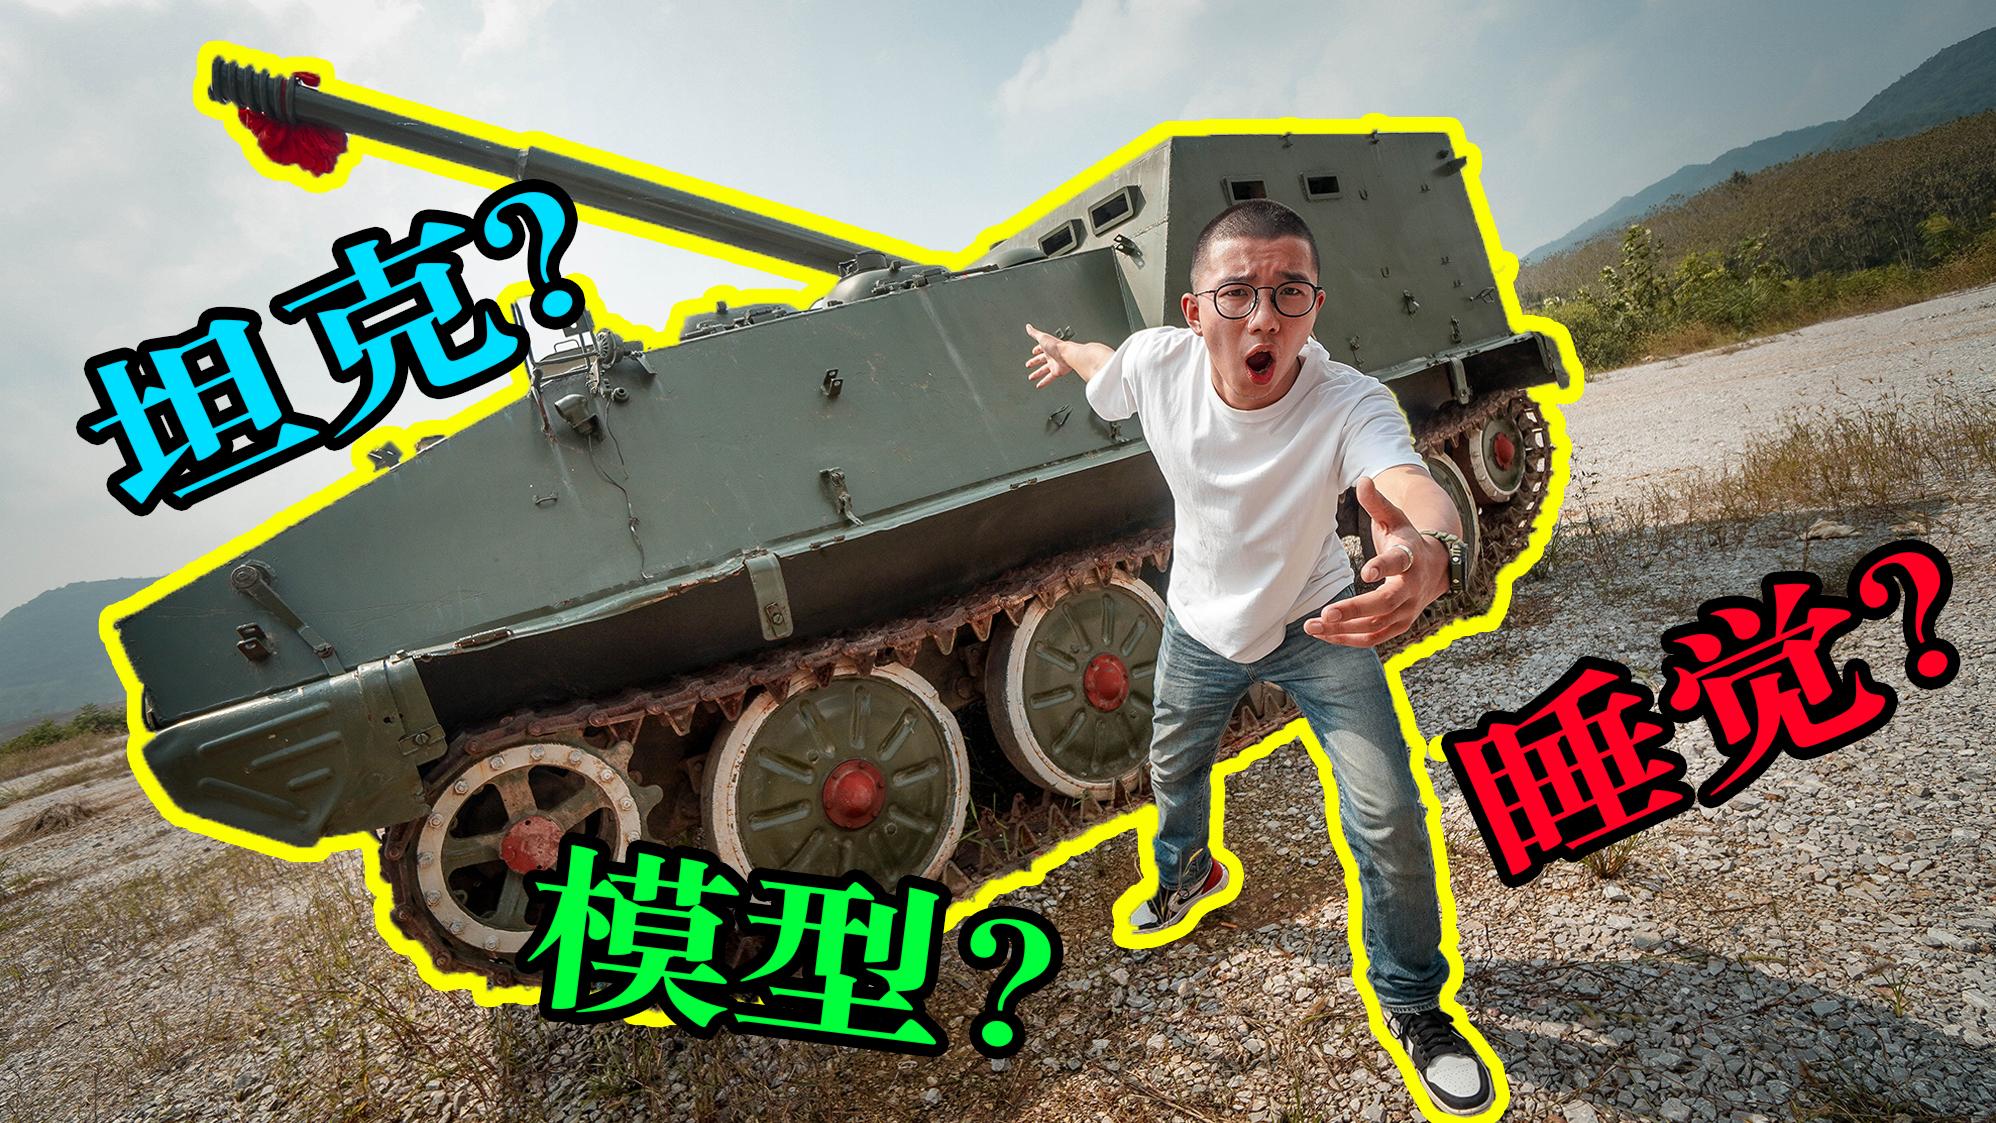 在坦克中睡觉!小伙在坦克中过夜,半夜失手竟将自己反锁在里面!